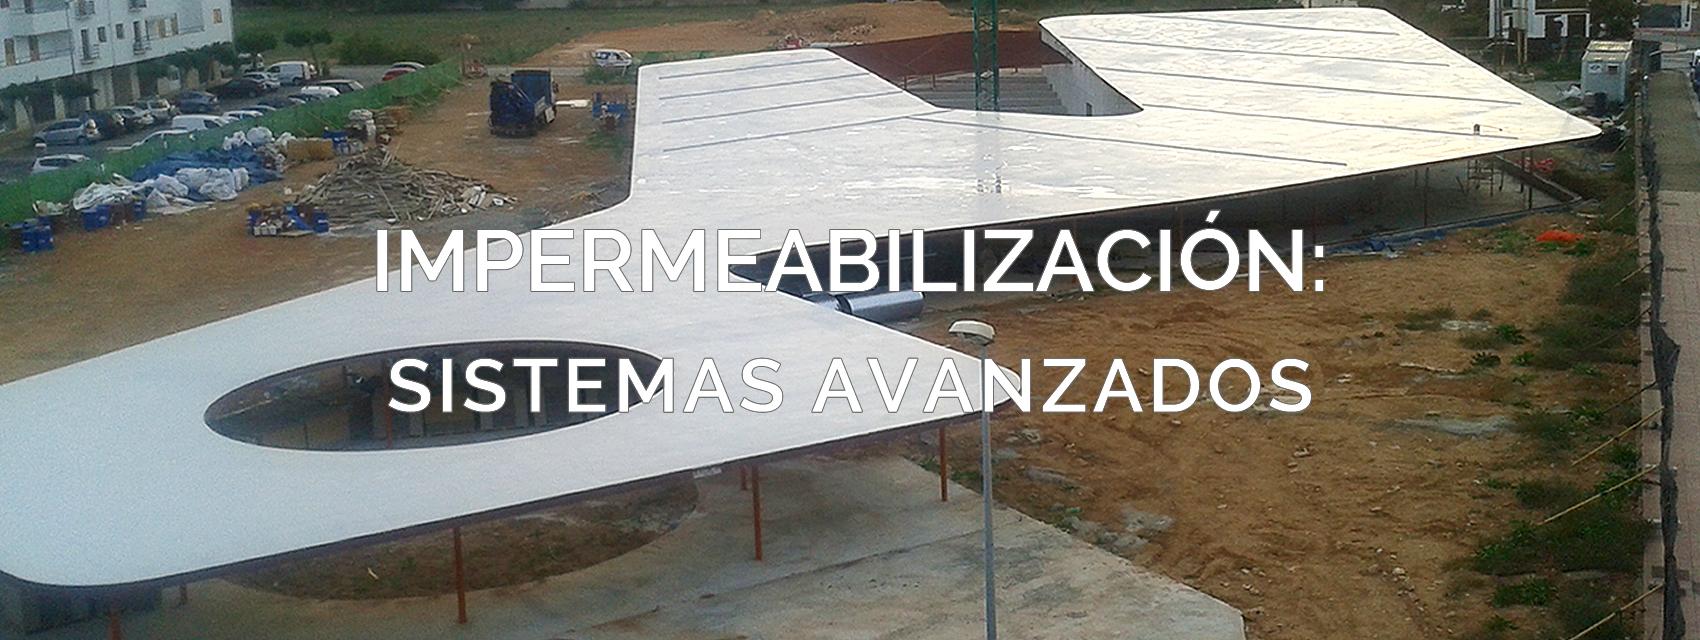 Sistemas Avanzados de Impermeabilización y Aislamiento Térmico